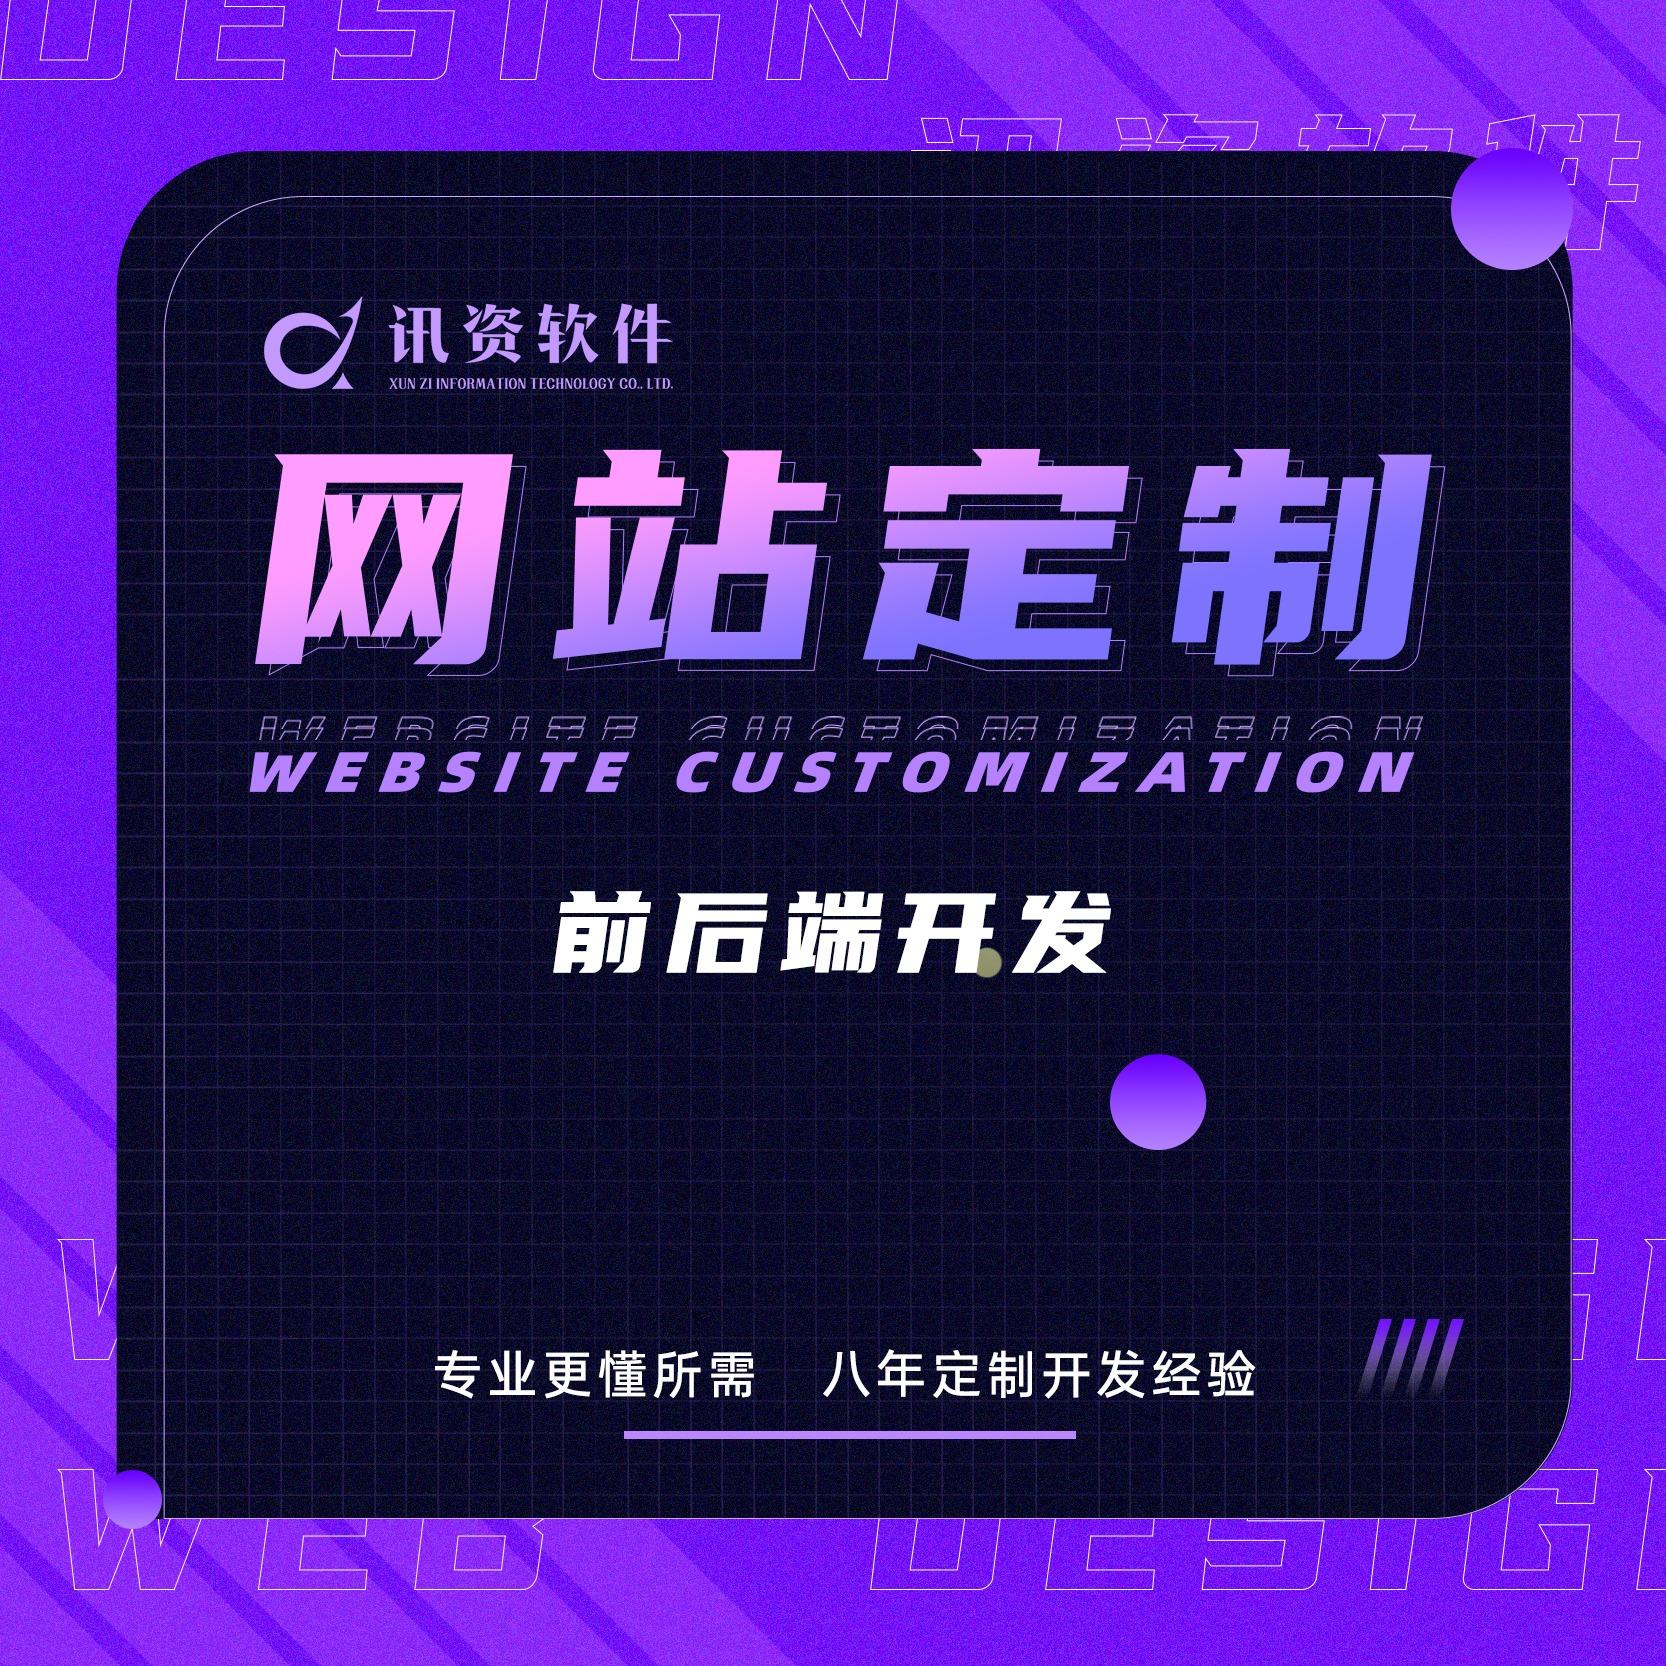 电商网站建设 网站开发python 网页制作 后端开发PHP